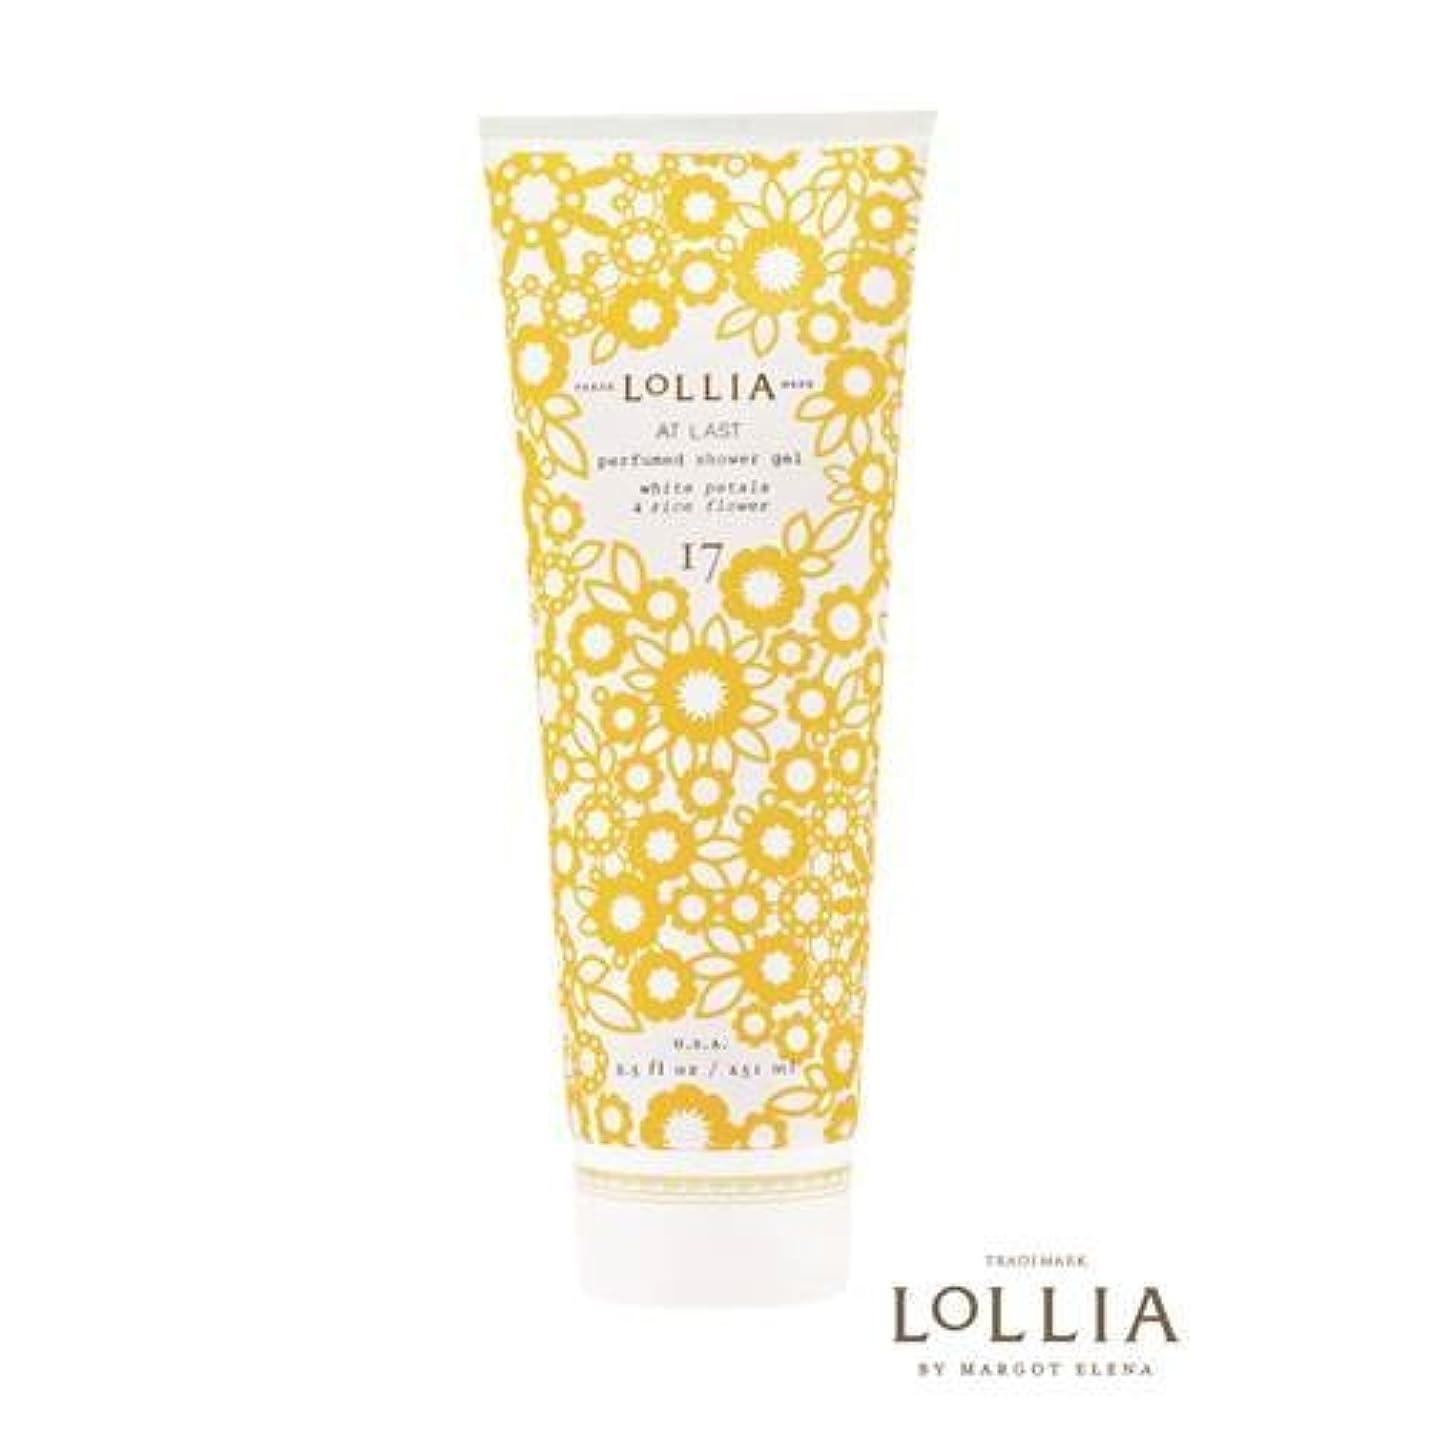 ガジュマル修復送料ロリア(LoLLIA) パフュームドシャワージェル AtLast 251ml(全身用洗浄料 ボディーソープ ライスフラワー、マグノリアとミモザの柔らかな花々の香り)